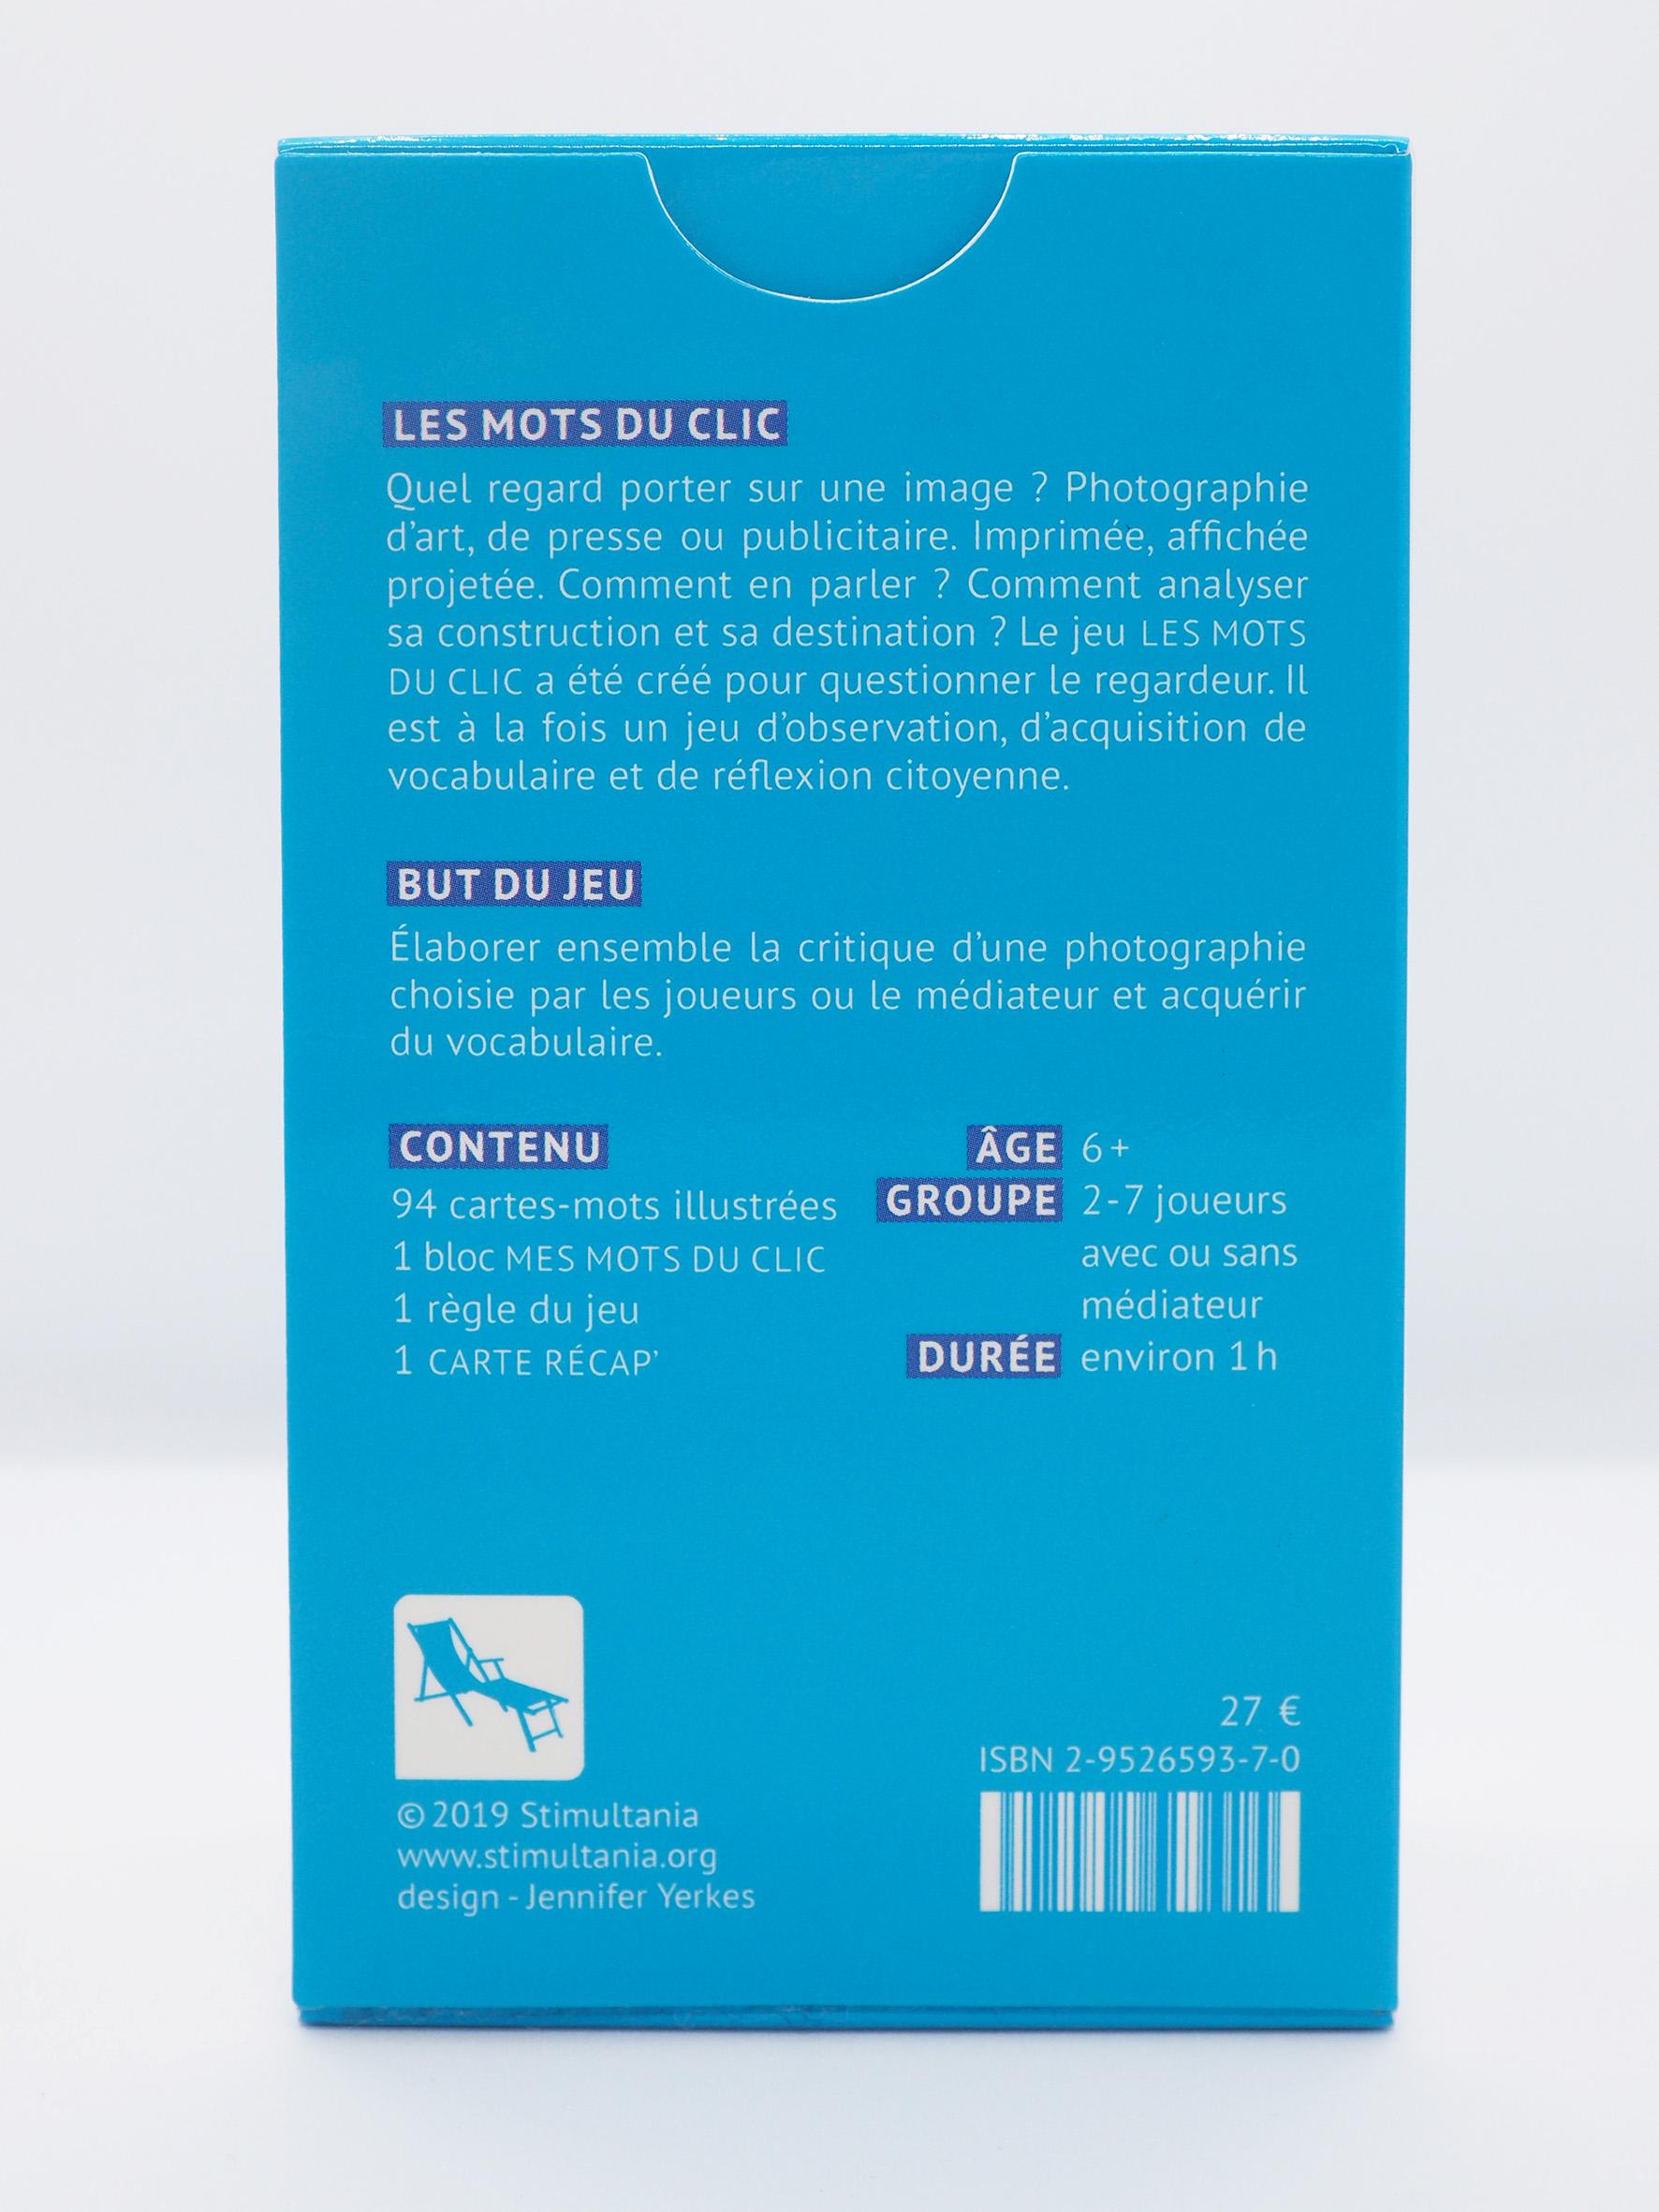 Kit De 4 Jeux Les Mots Du Clic Stimultania